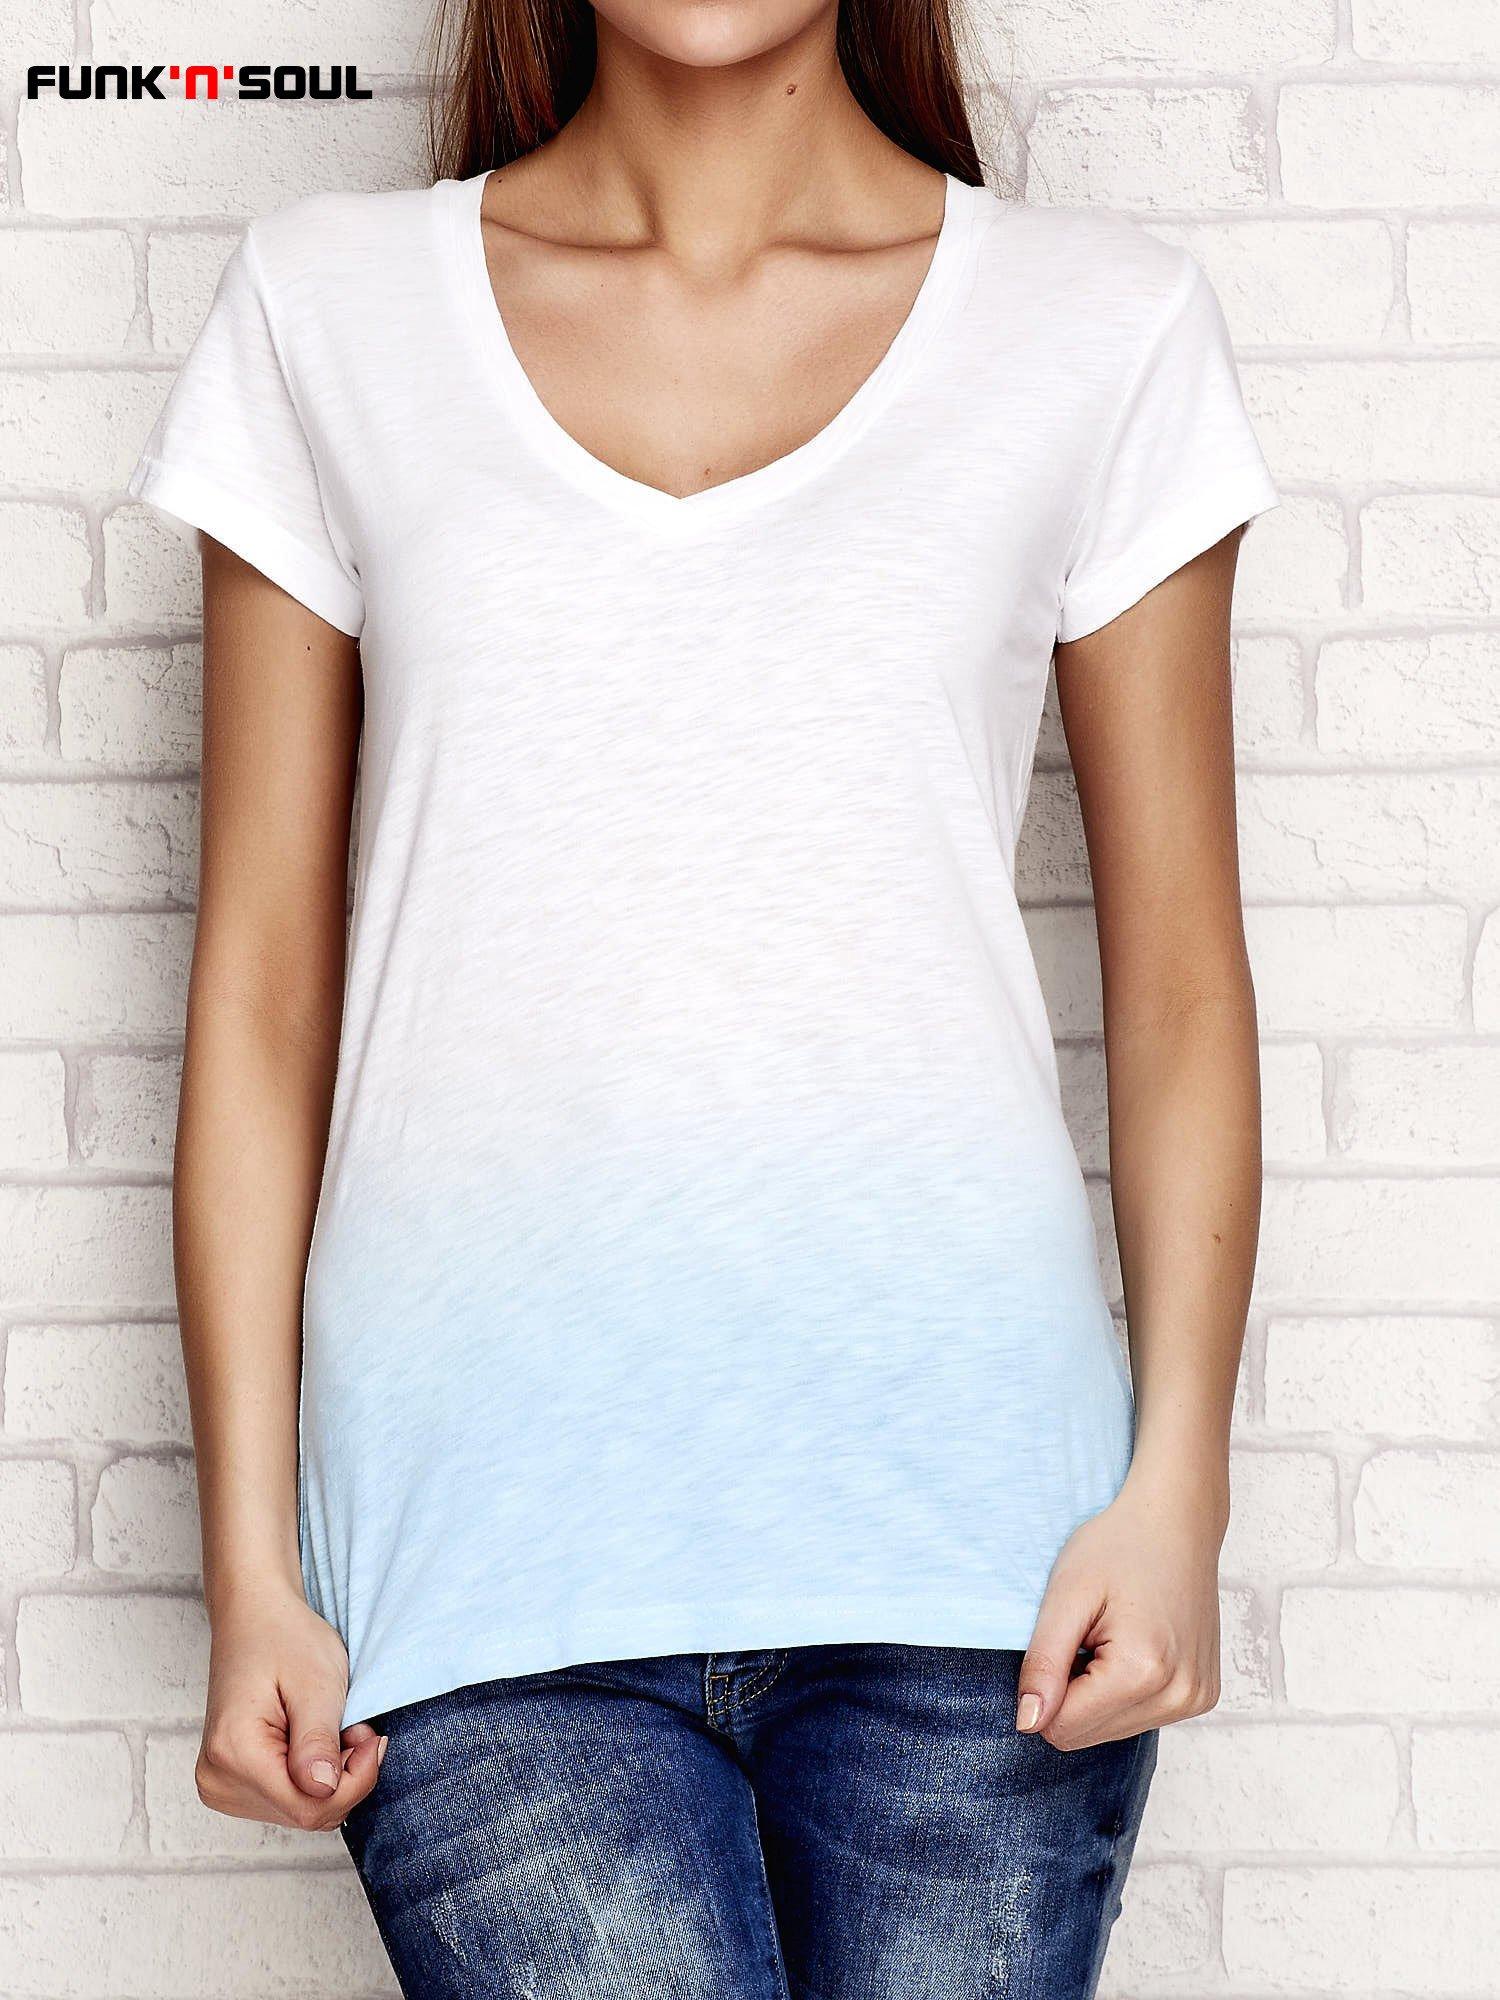 a3f1620629 Niebieski t-shirt ombre FUNK N SOUL - T-shirt z nadrukiem - sklep ...